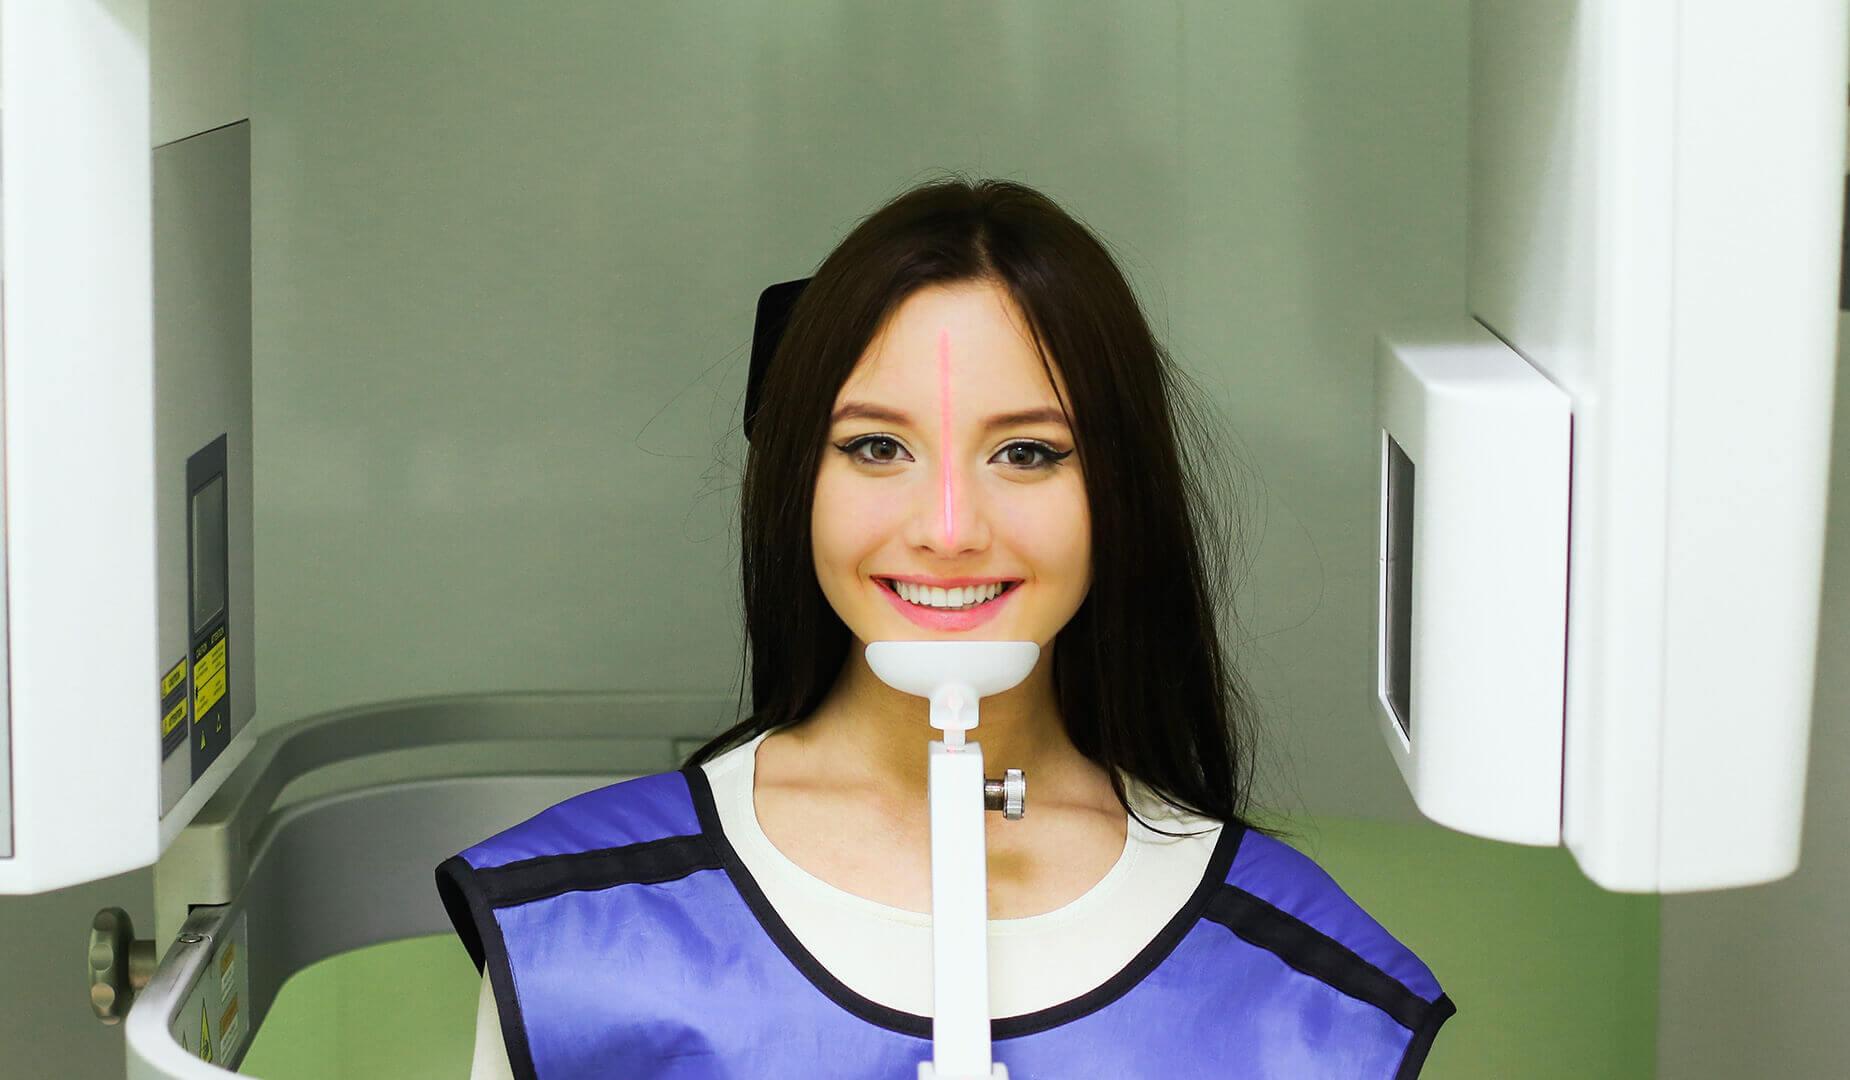 Пациентка улыбается врачу